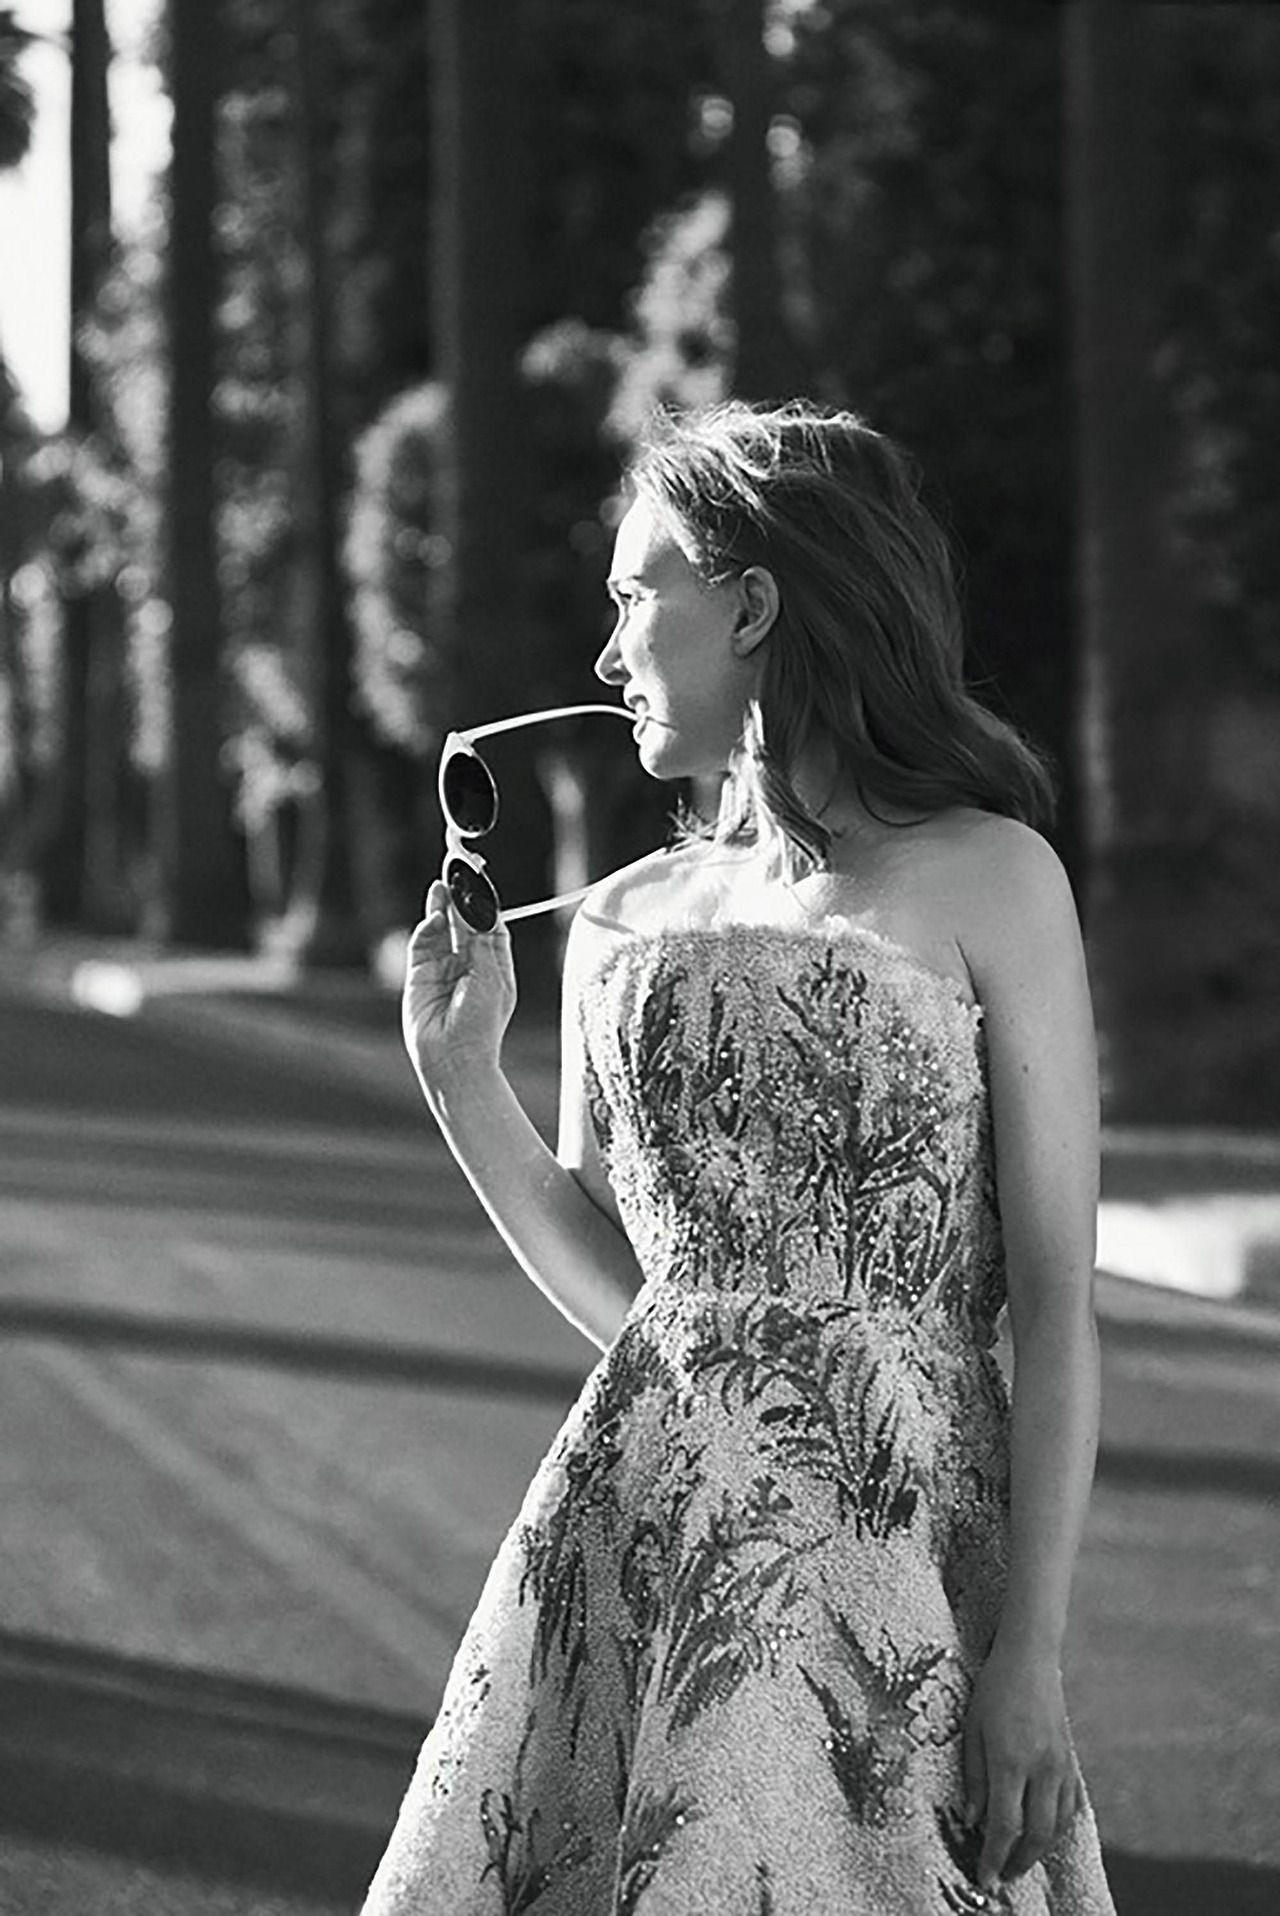 Реклама Натали Портман 2017